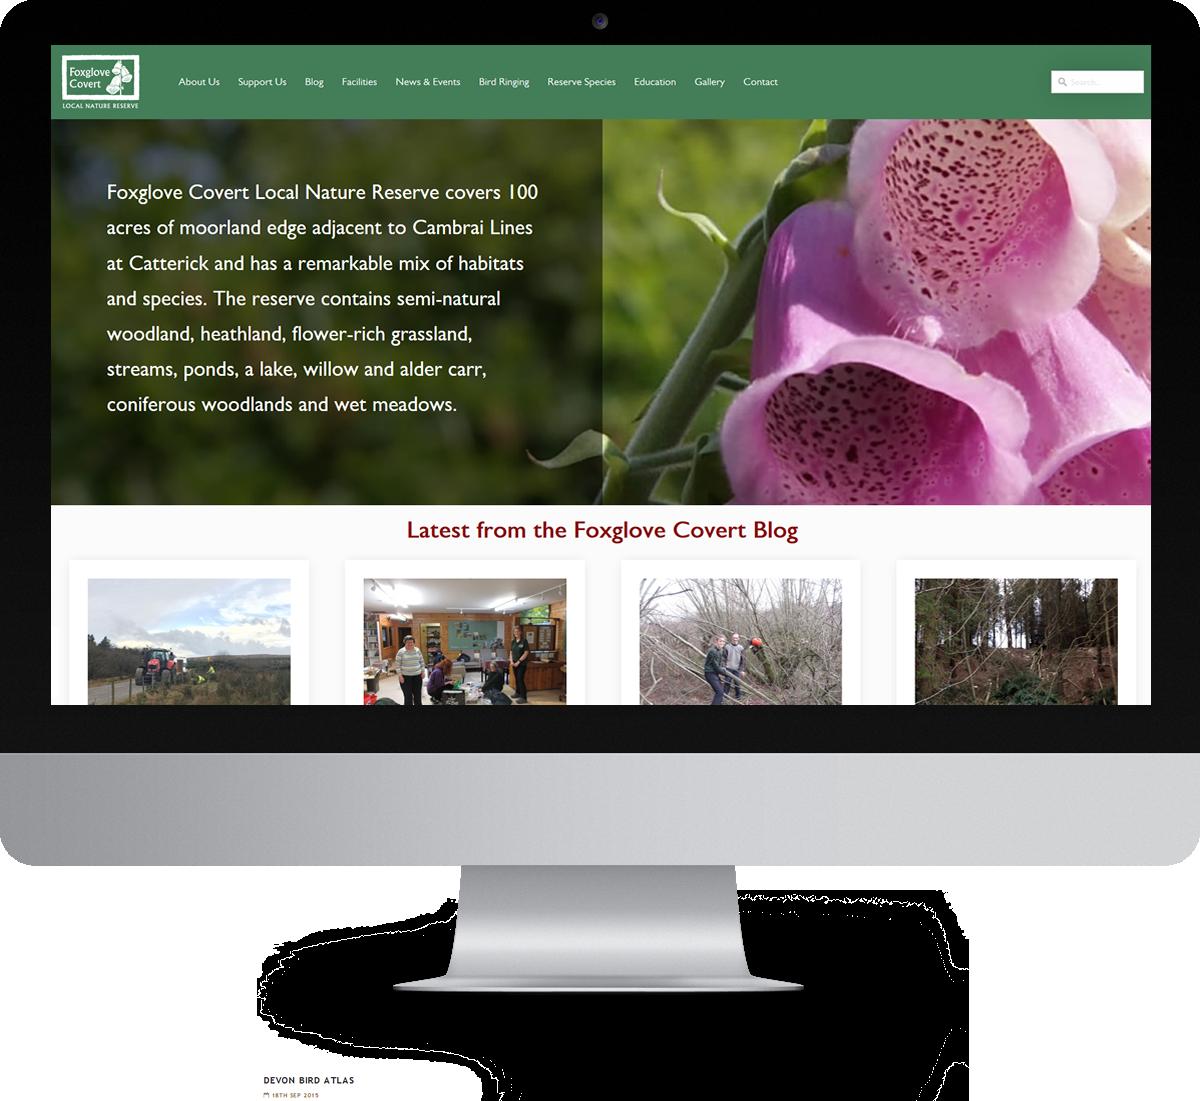 Foxglove Covert LNR website